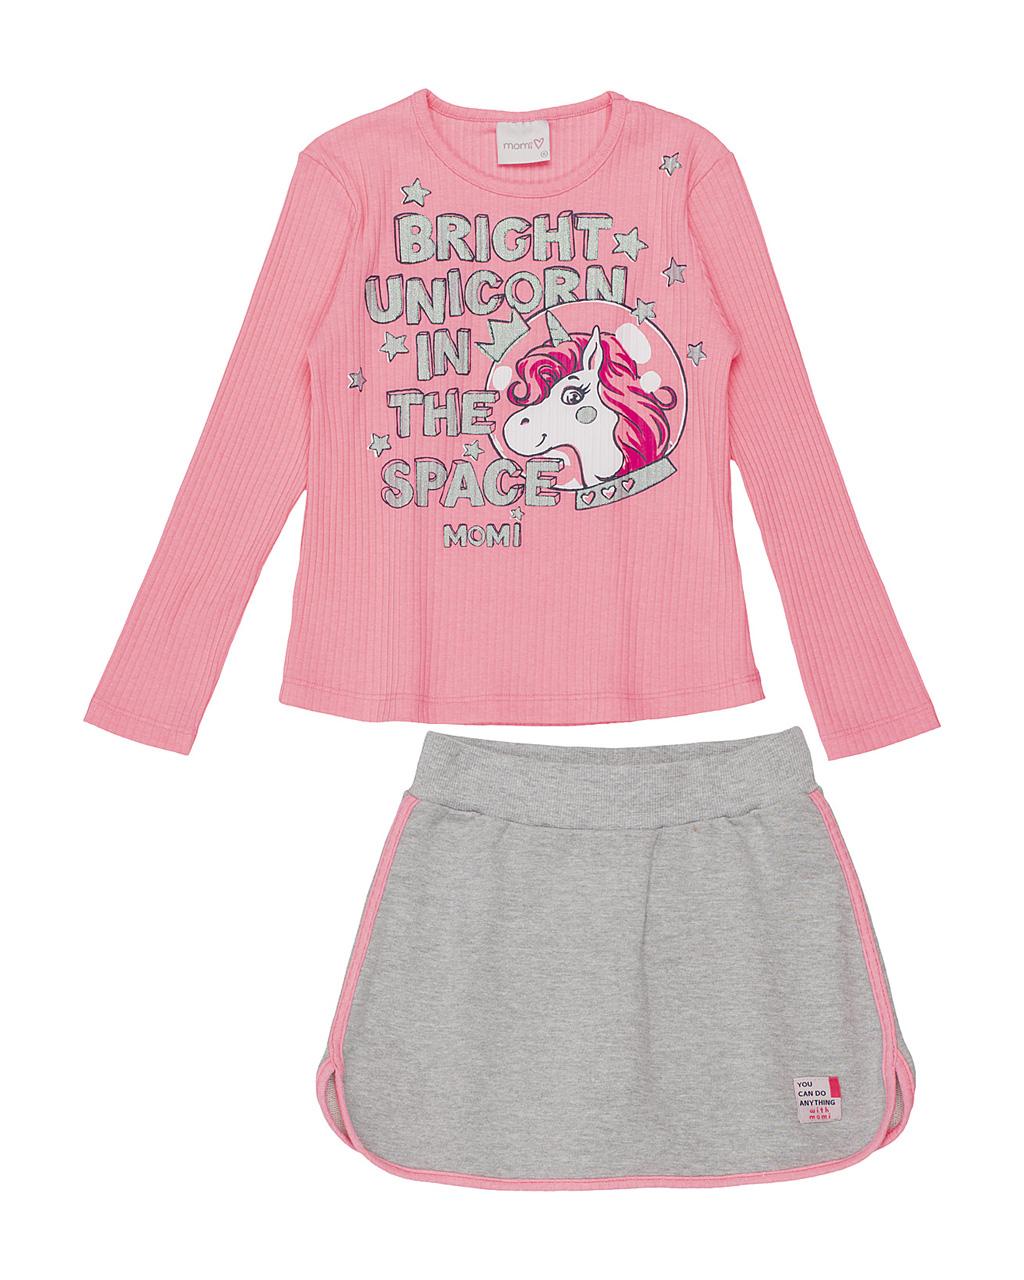 Conjunto Infantil Blusa Canelado Unicornio Rosa Neon E Saia Cinza e Neon Momi